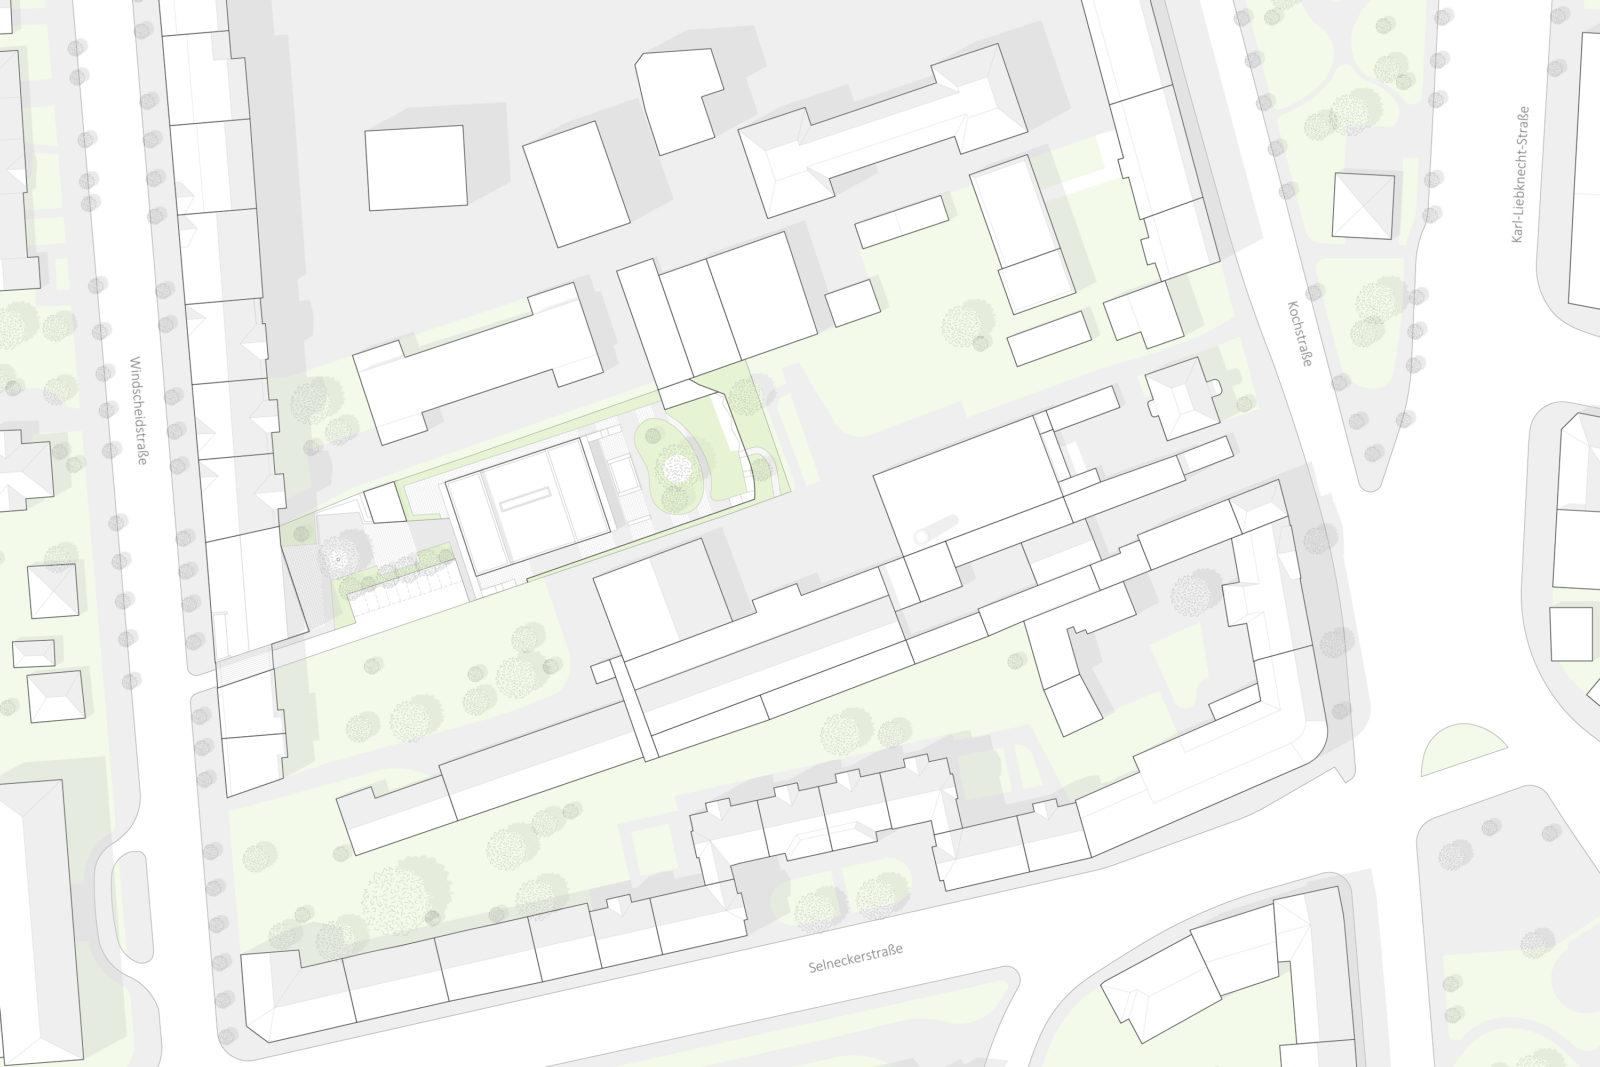 Wettbewerb SOS-Kinderdorf in Leipzig, Connewitz - Lageplan